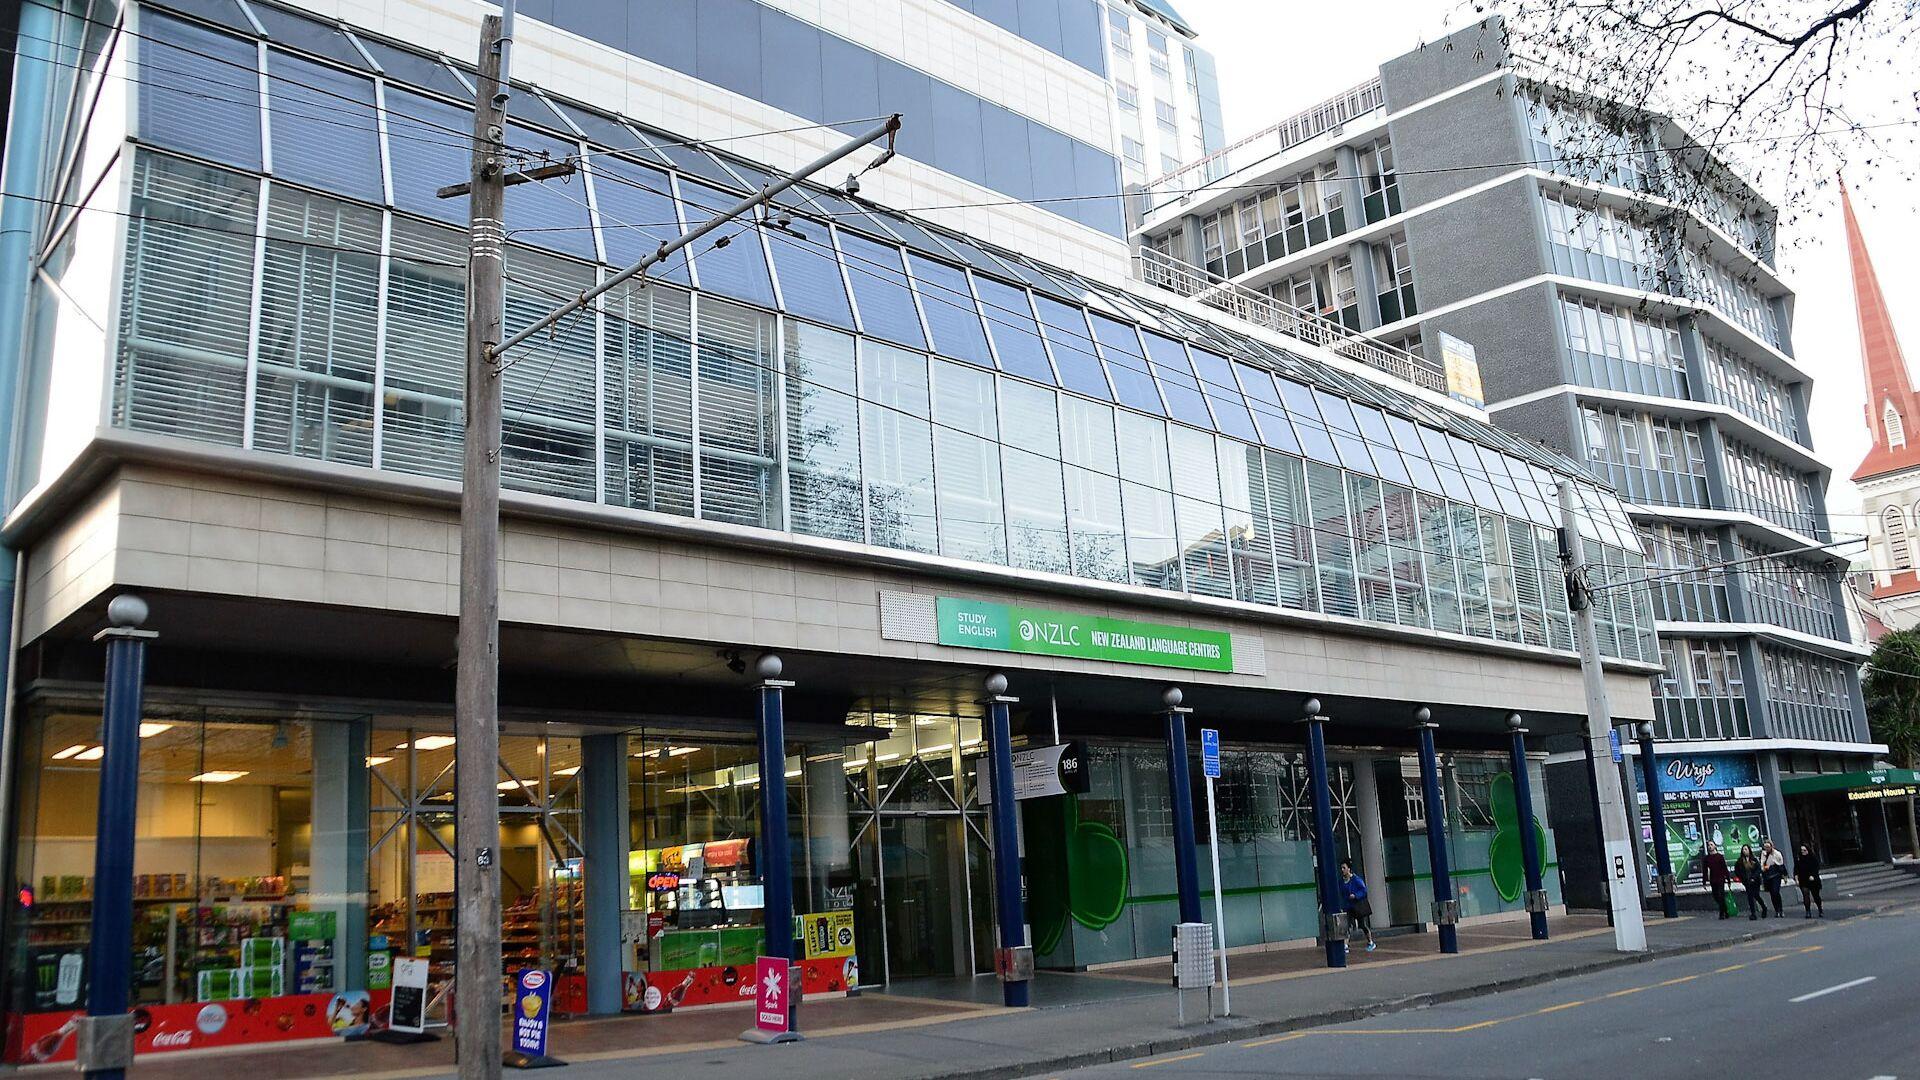 Séjour linguistique Nouvelle Zélande - Wellington - NZLC Wellington - École